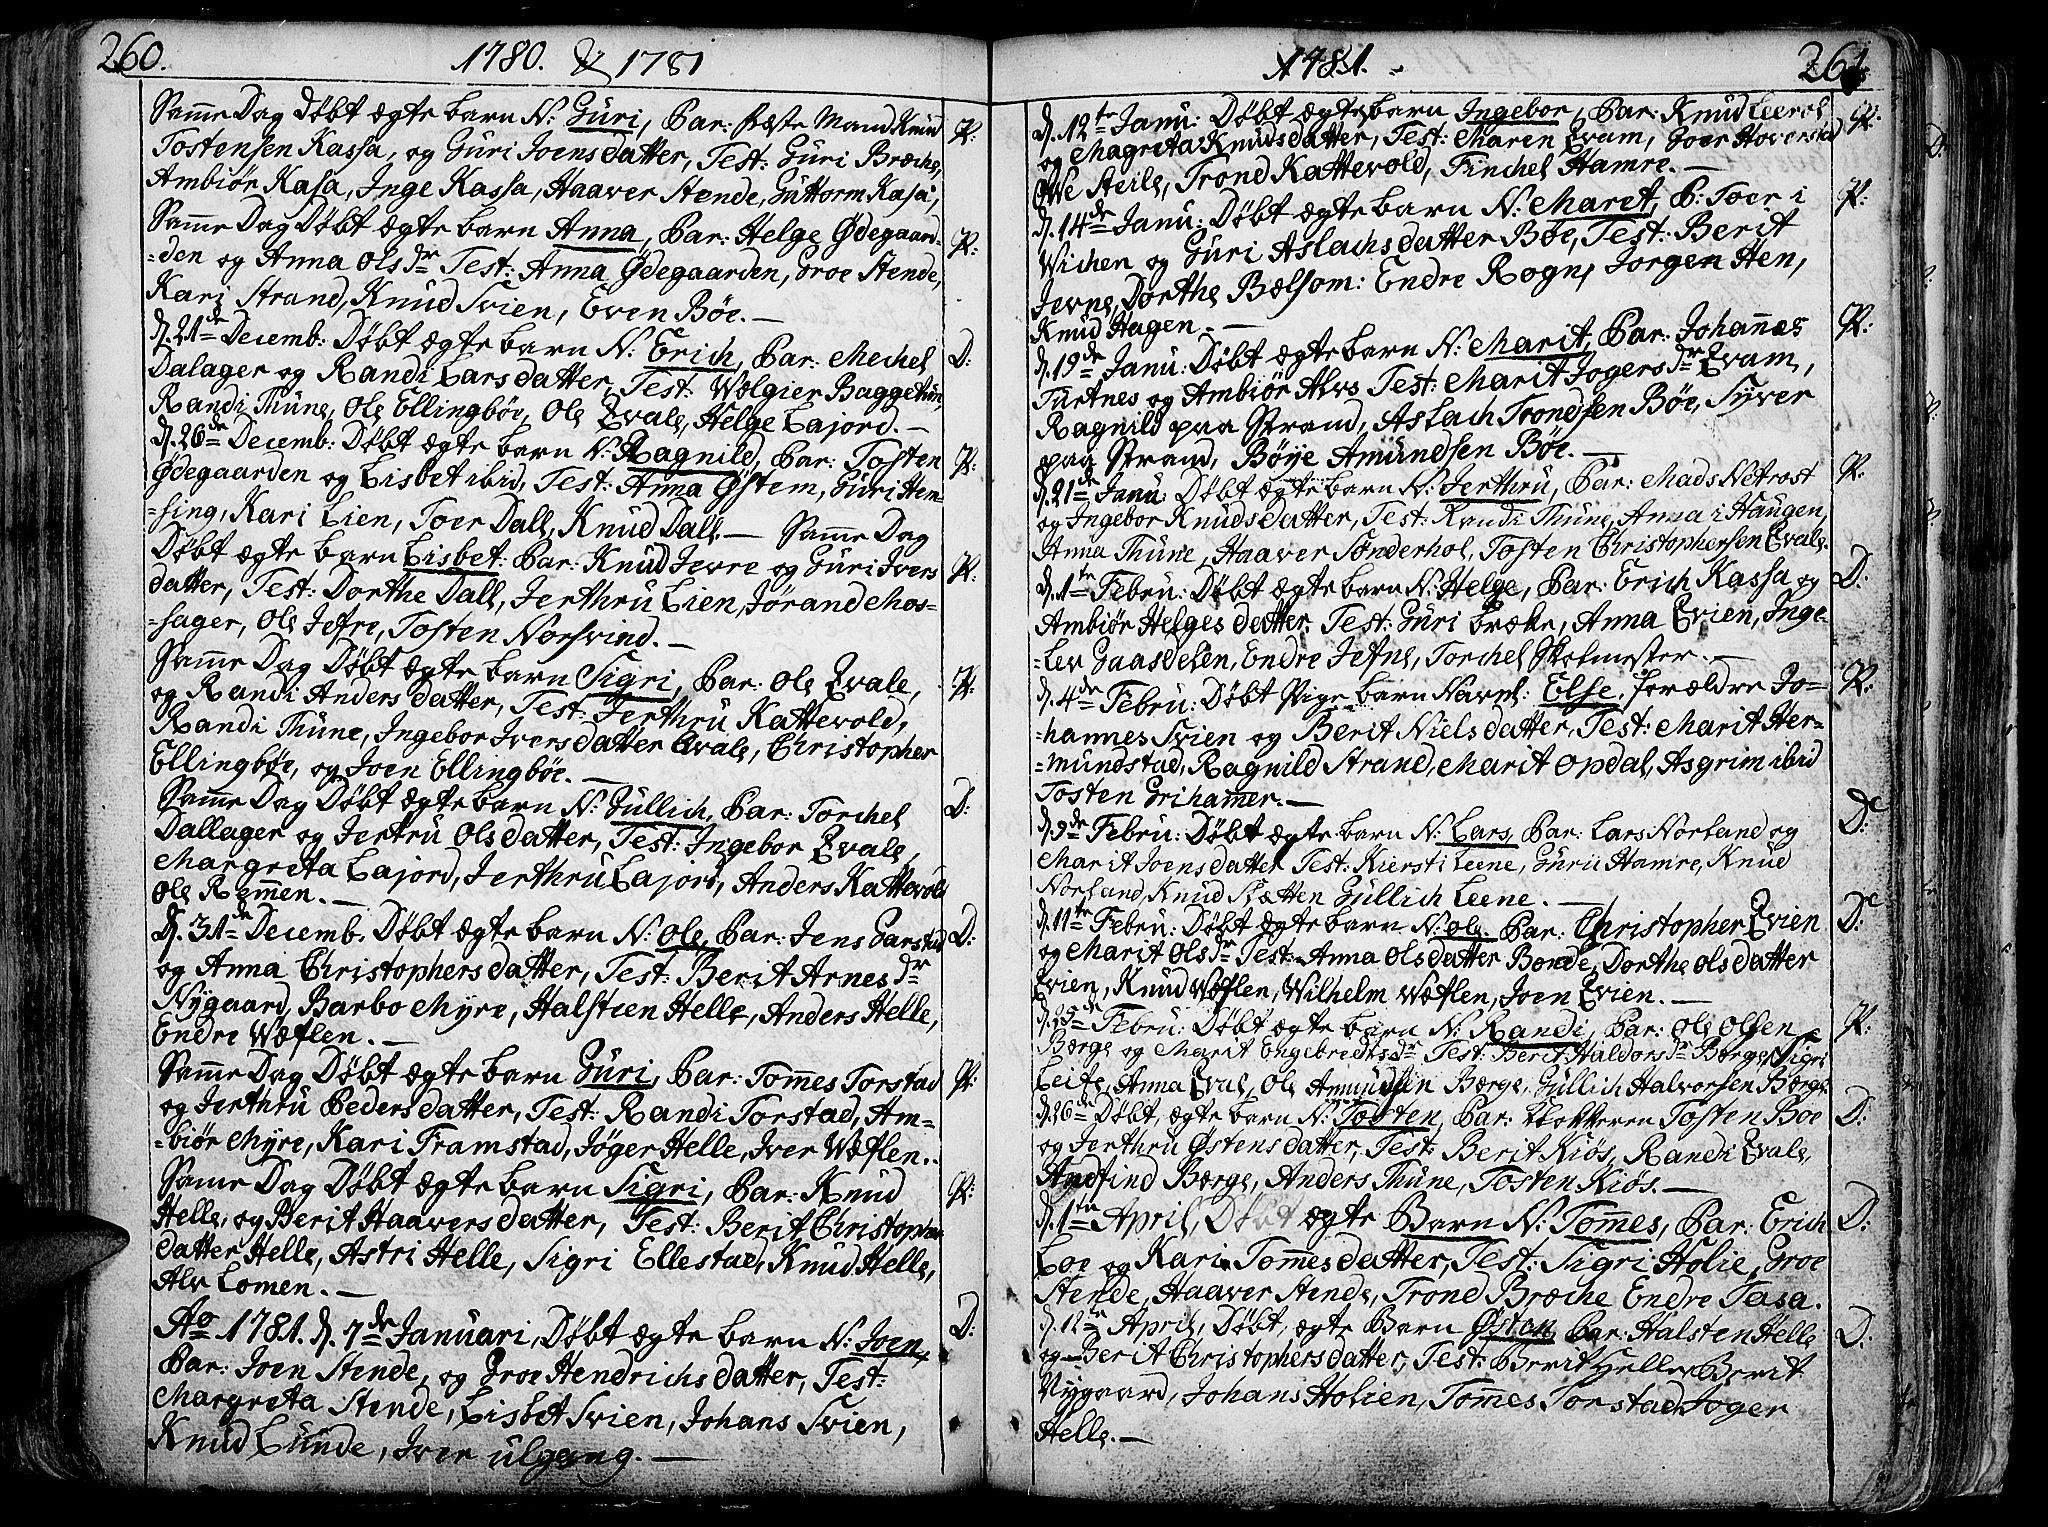 SAH, Vang prestekontor, Valdres, Ministerialbok nr. 1, 1730-1796, s. 260-261